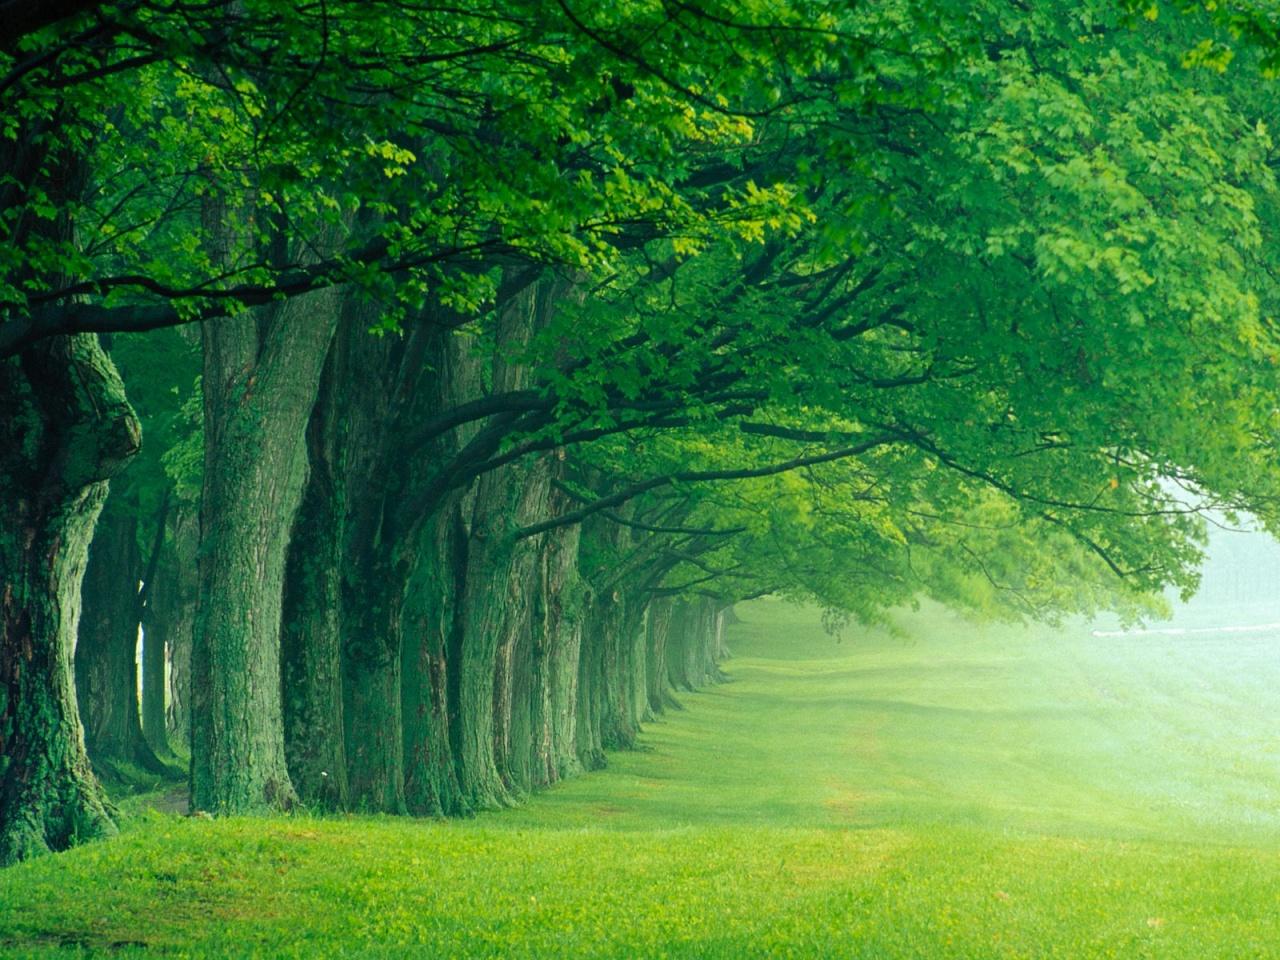 http://4.bp.blogspot.com/-spZrovENi08/T72aNsGytlI/AAAAAAAANH0/CO8zR9oiAUU/s1600/summer+wallpaper+01.jpg